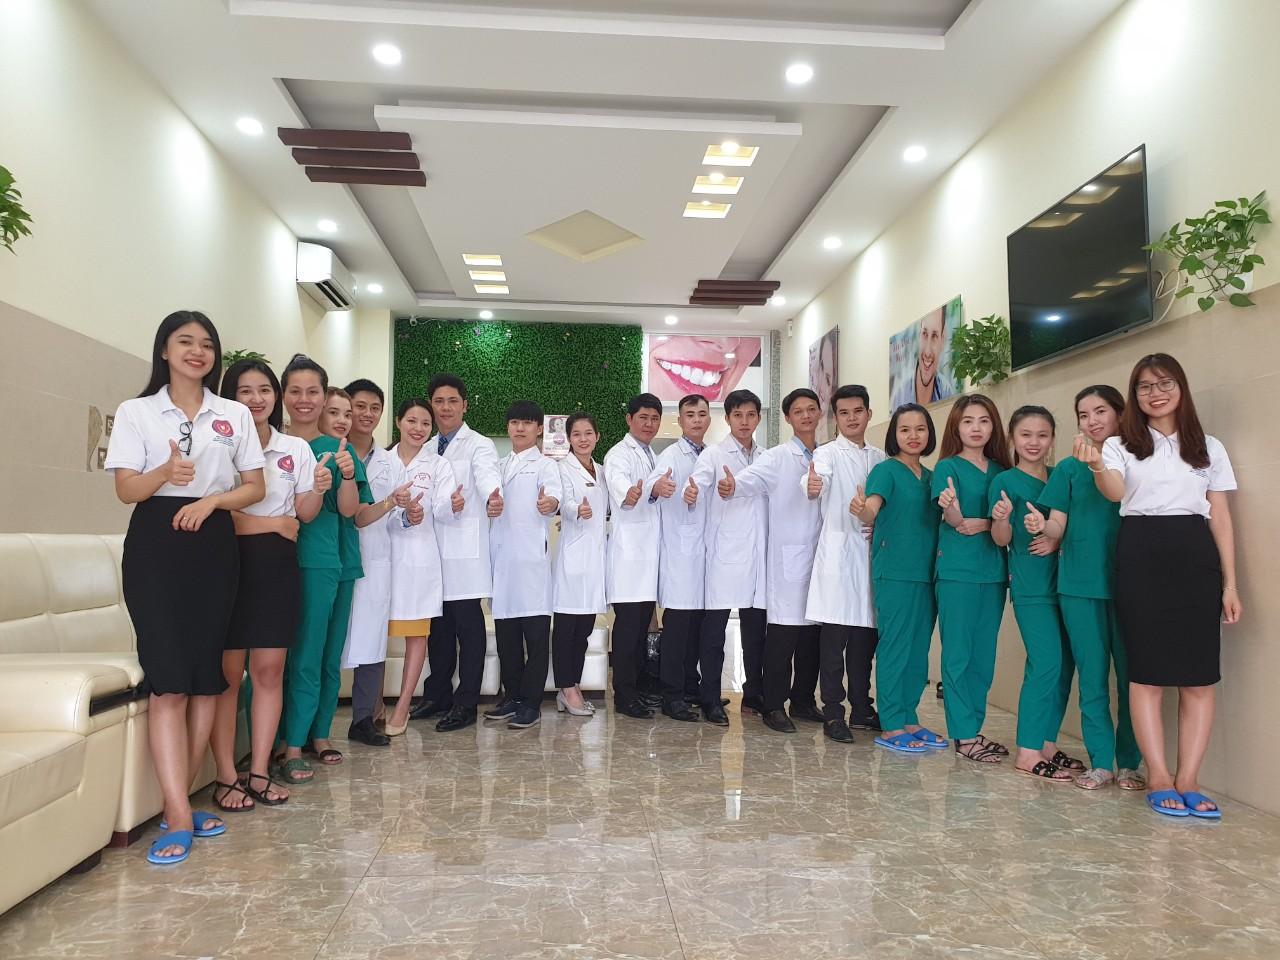 Thực hư dịch vụ nha khoa Bảo Việt quận 9 có tốt không?